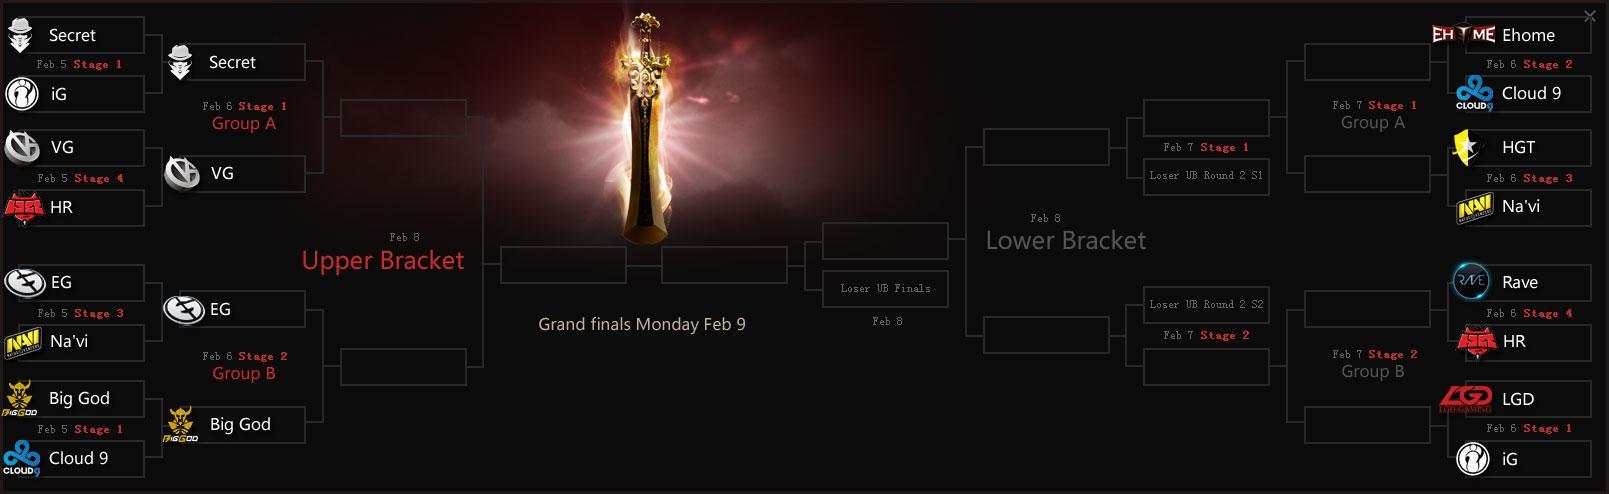 Сетка плей-офф DAC 2015 после первого дня